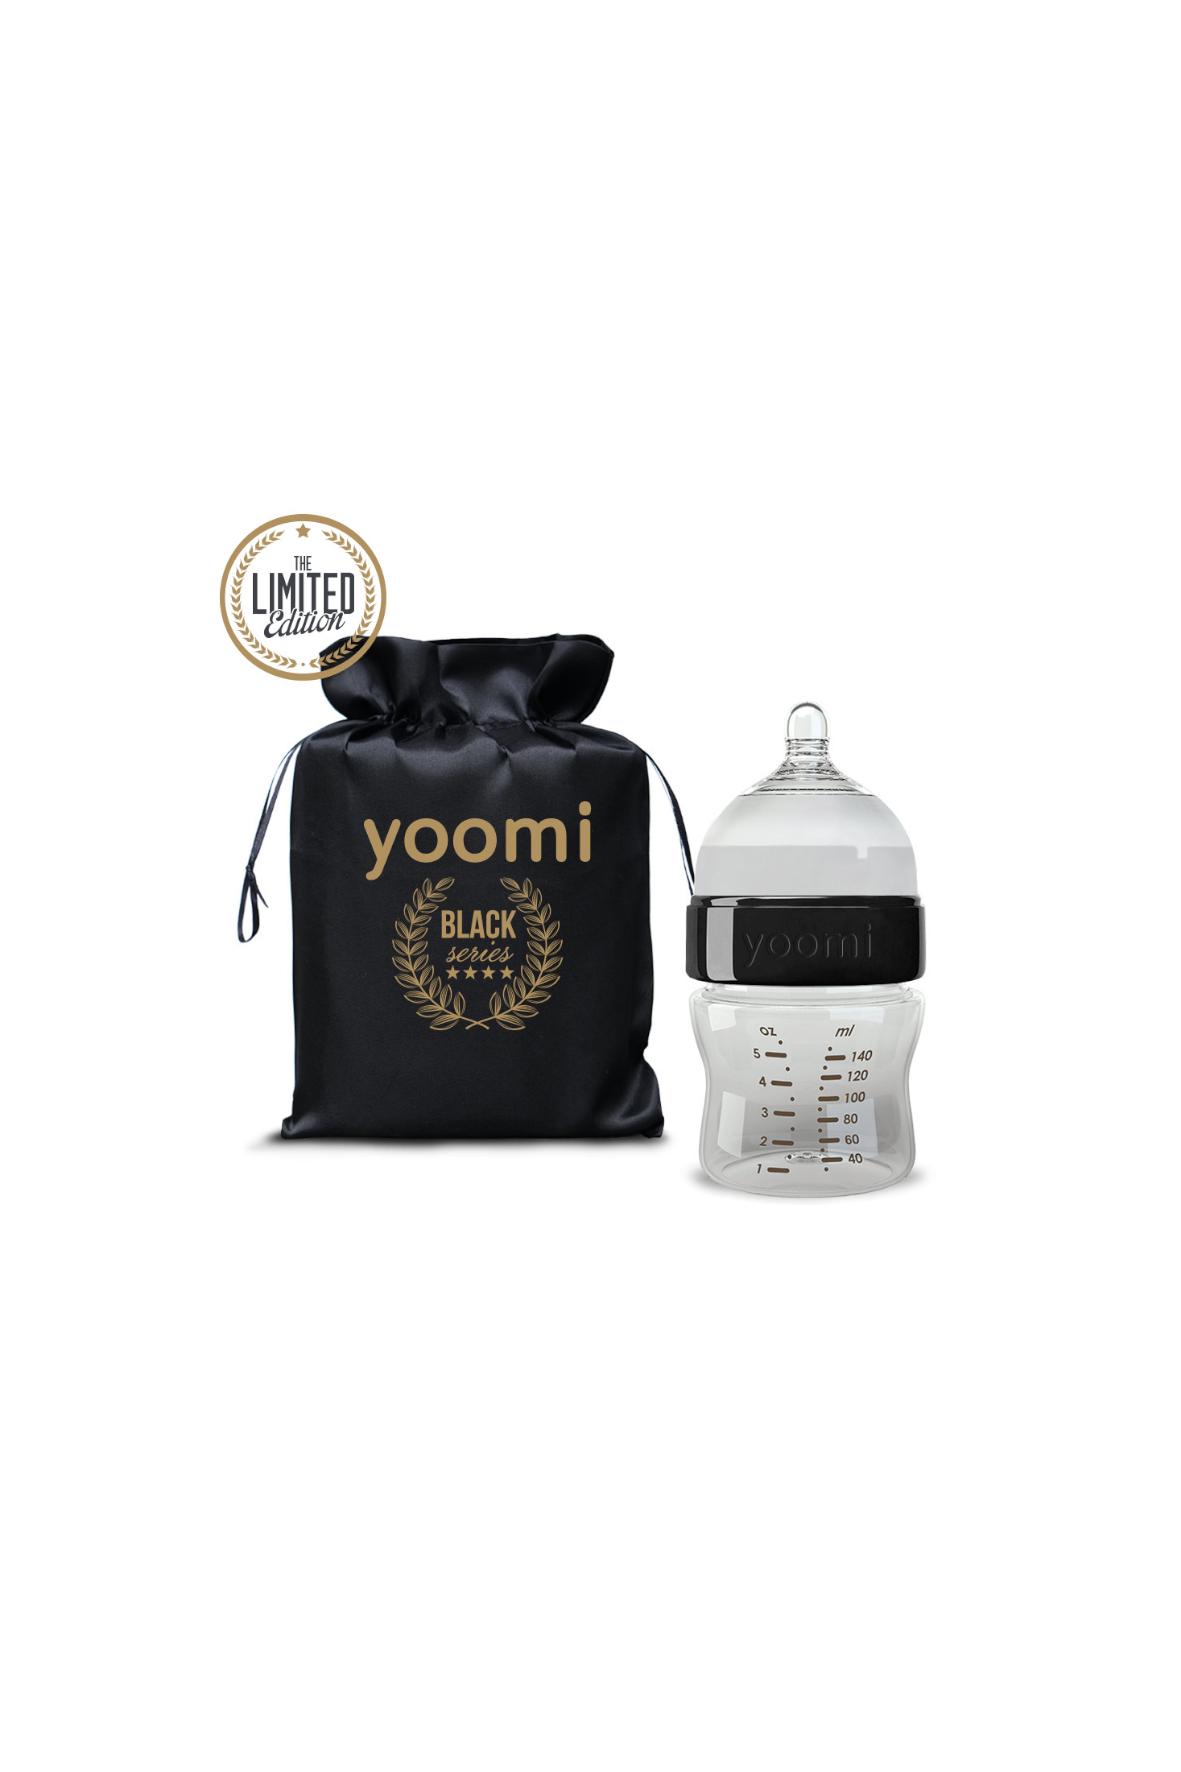 Yoomi butelka 5O37K1